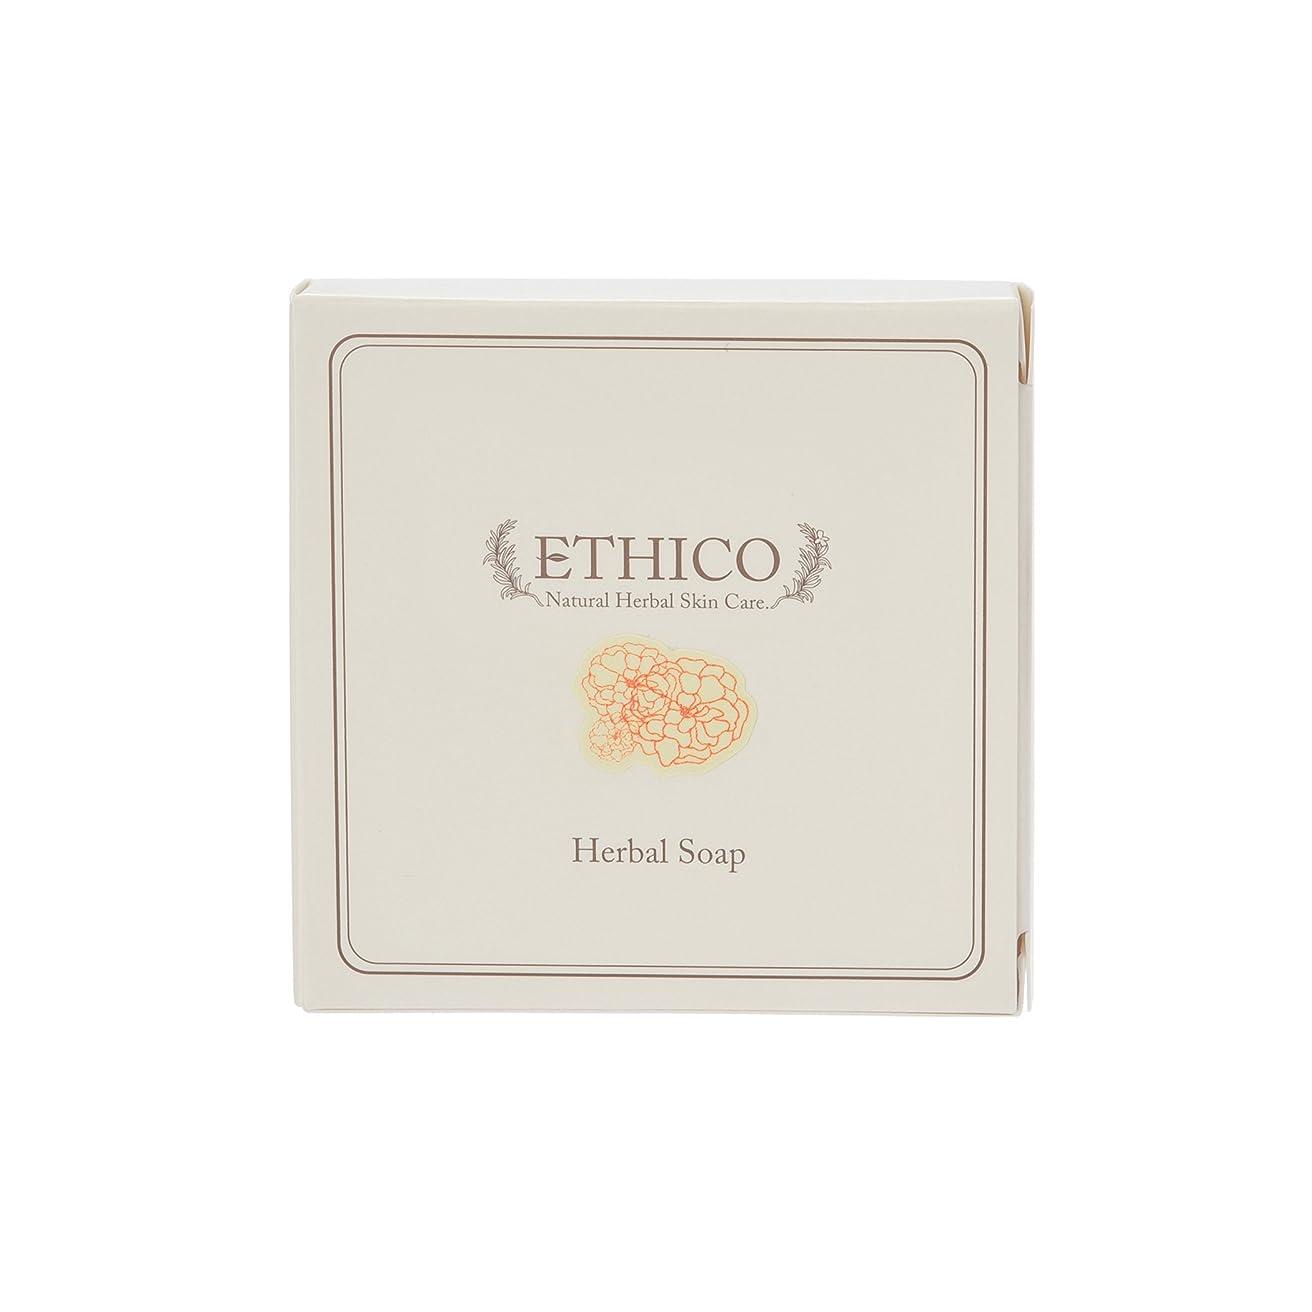 驚いたカウントアップ案件ETHICOハーバル洗顔石鹸 ダマスクバラ 90g